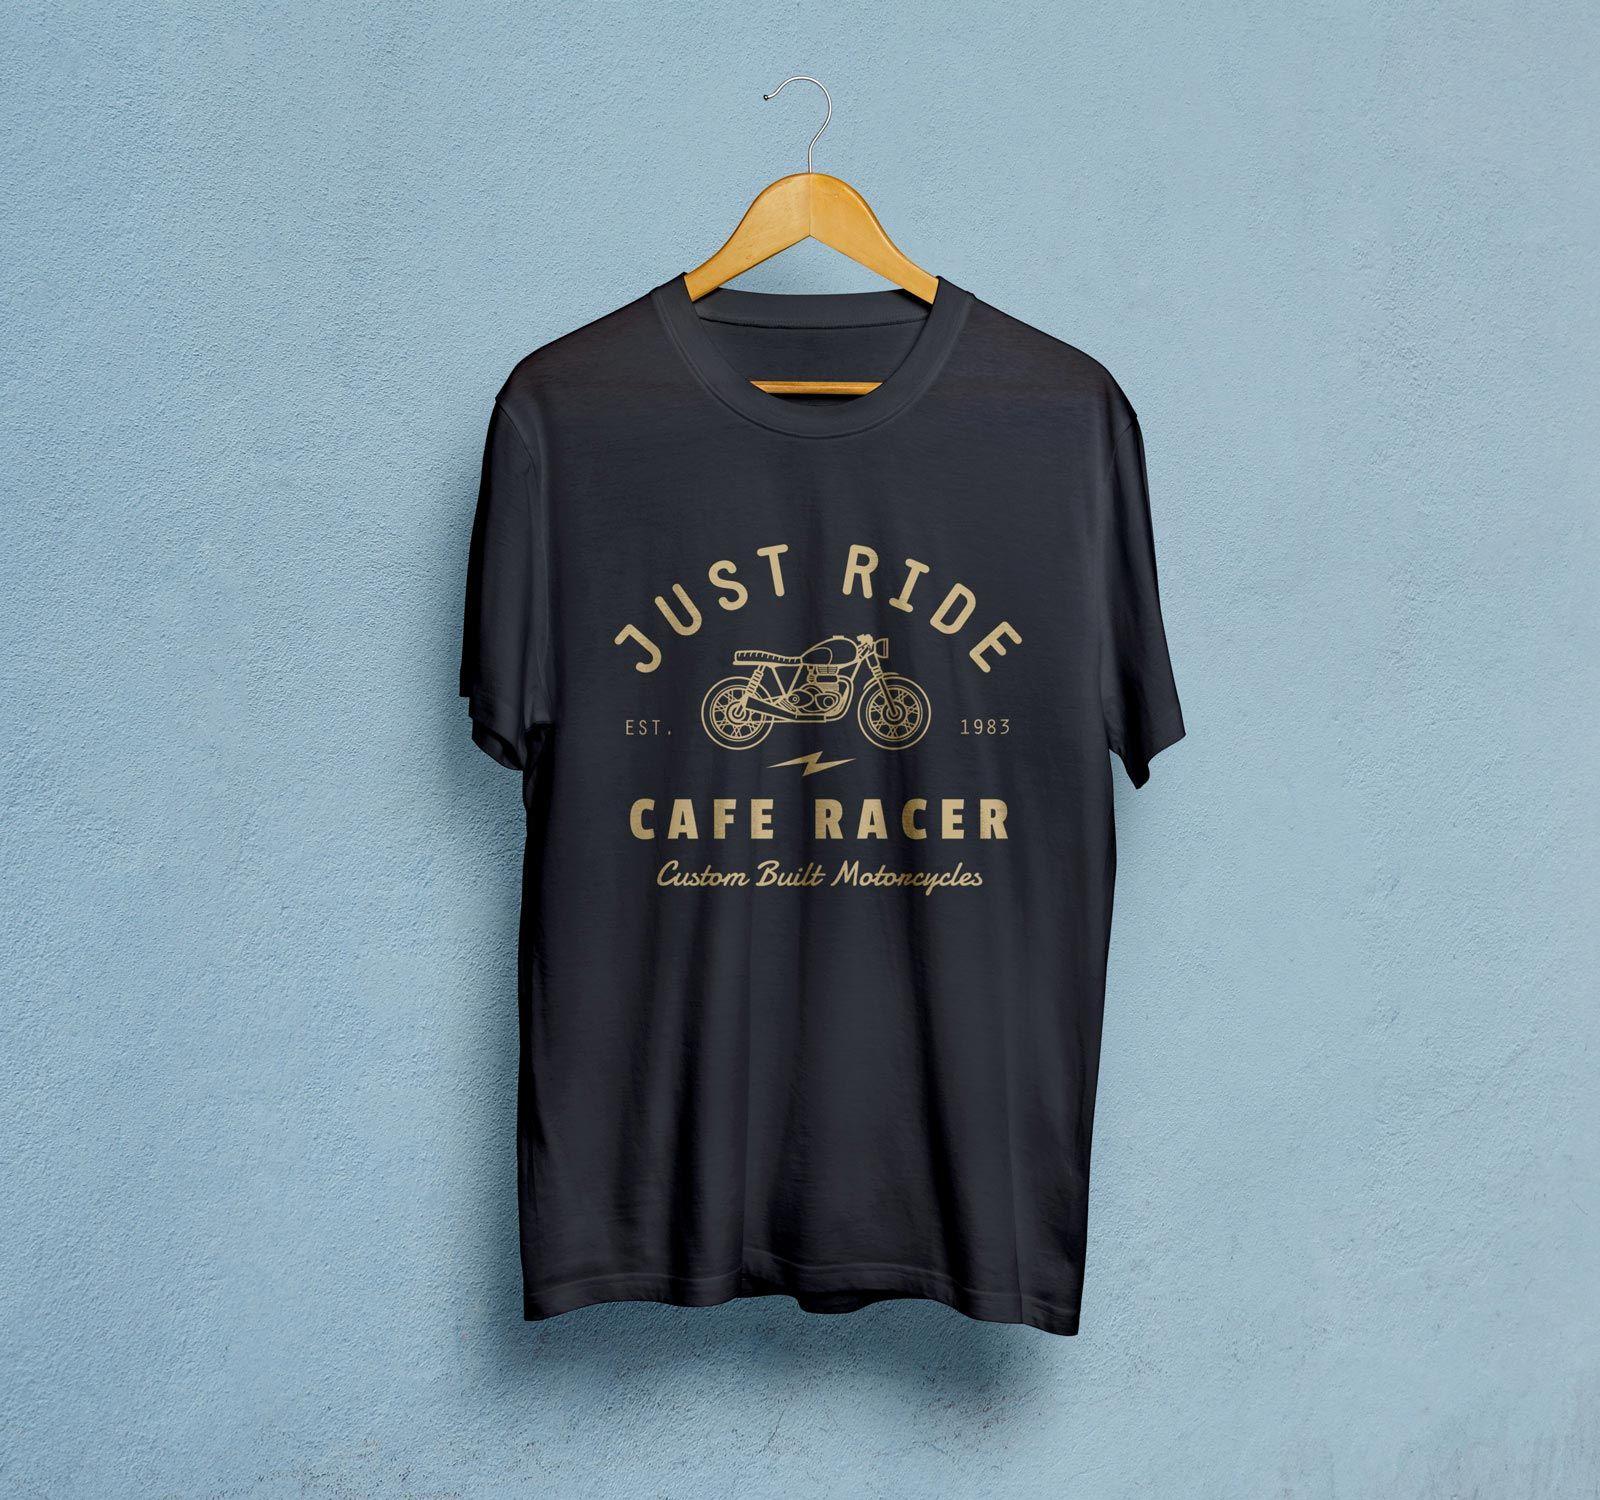 Download Free Black White Half Sleeves T Shirt Mockup Psd Front Back Good Mockups Shirt Mockup T Shirt Half Sleeves